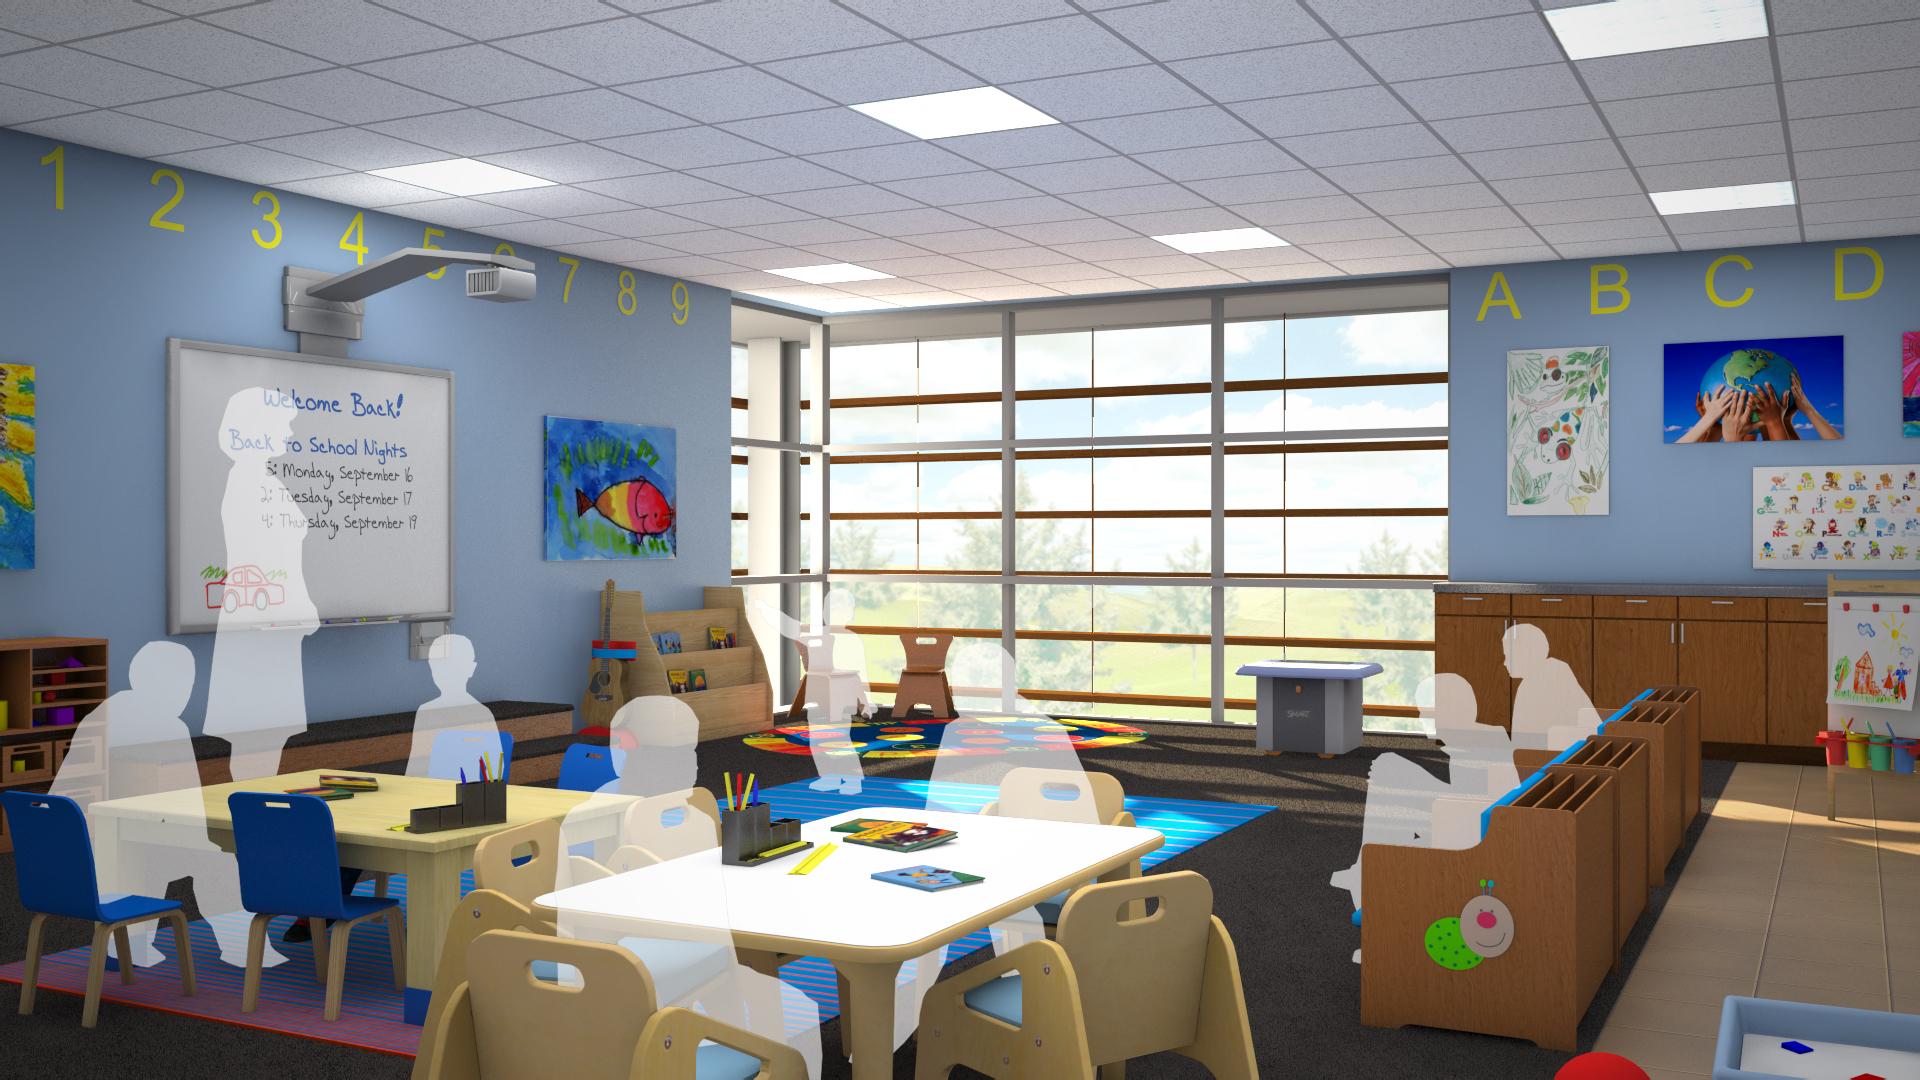 HH_classroom_1-14-14